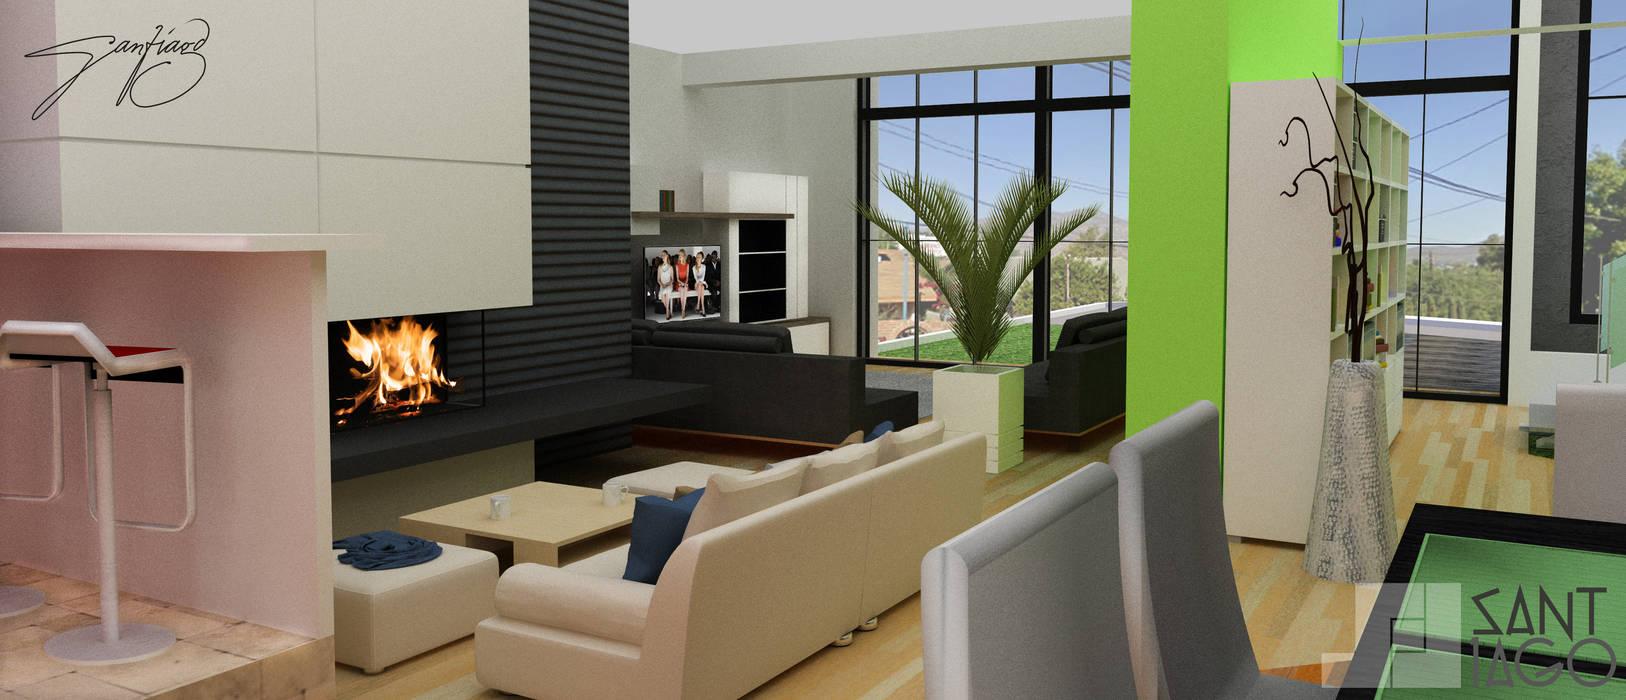 Comedor Area de estar: Comedores de estilo minimalista por SANT1AGO arquitectura y diseño